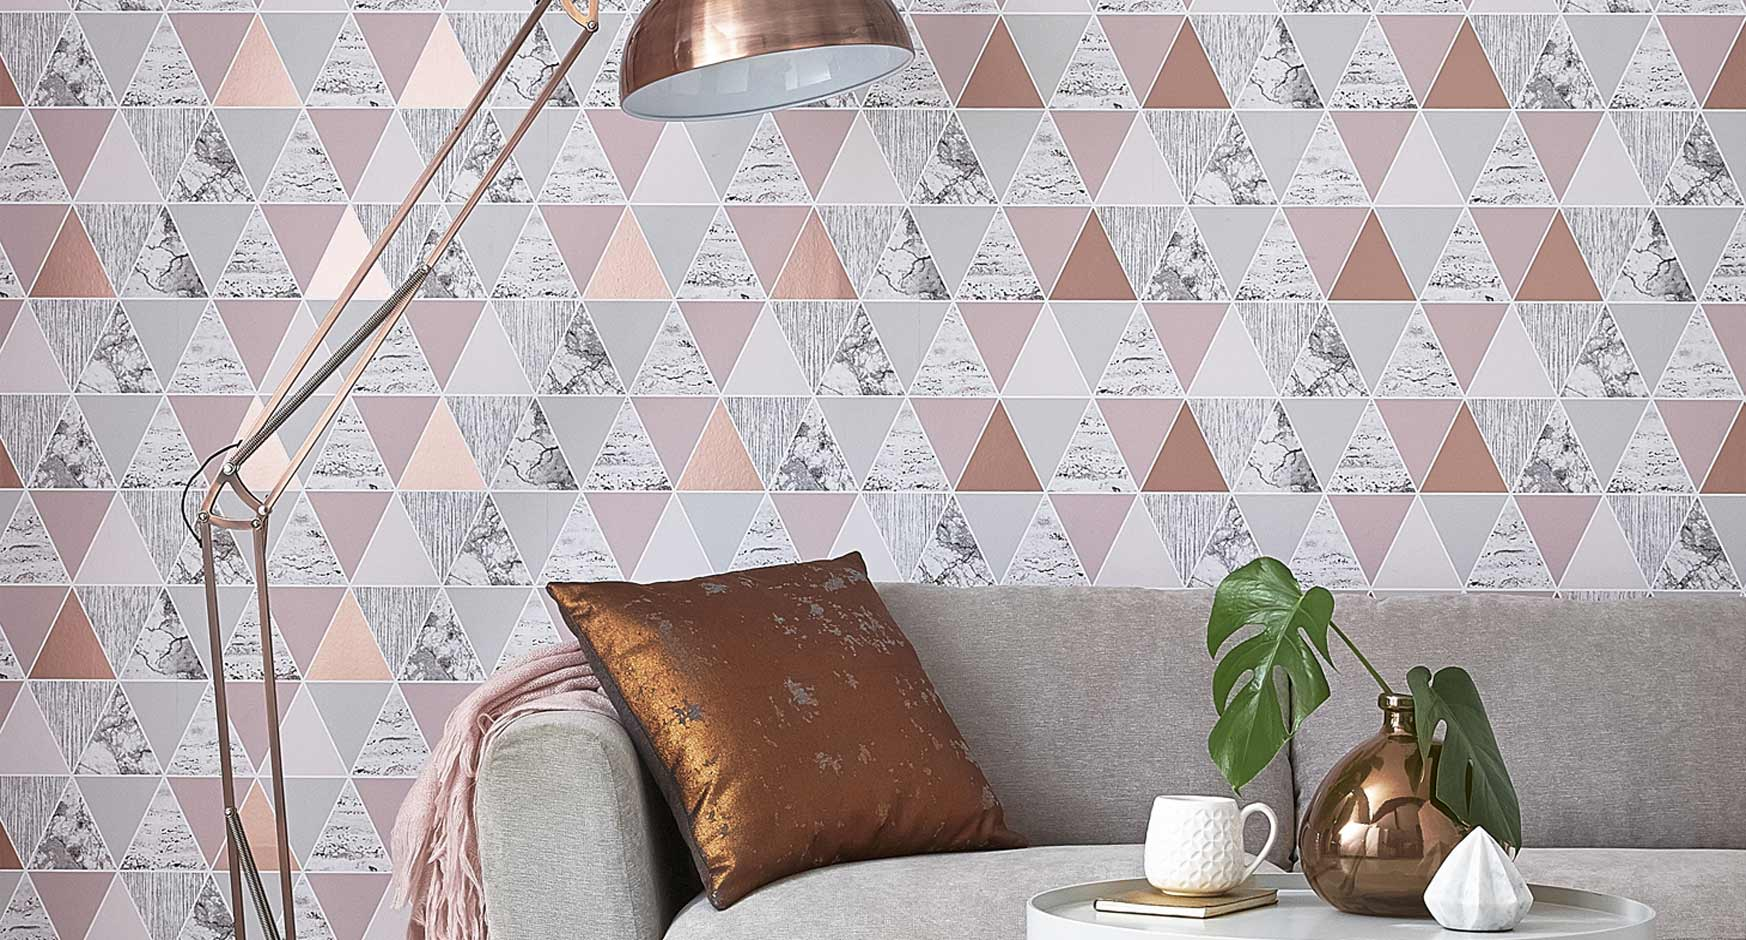 dining-room-wallpaper-for-walls-kids-wallpaper-wallpaper-kidsroom-crown-molding-wallpaper-border.jpg